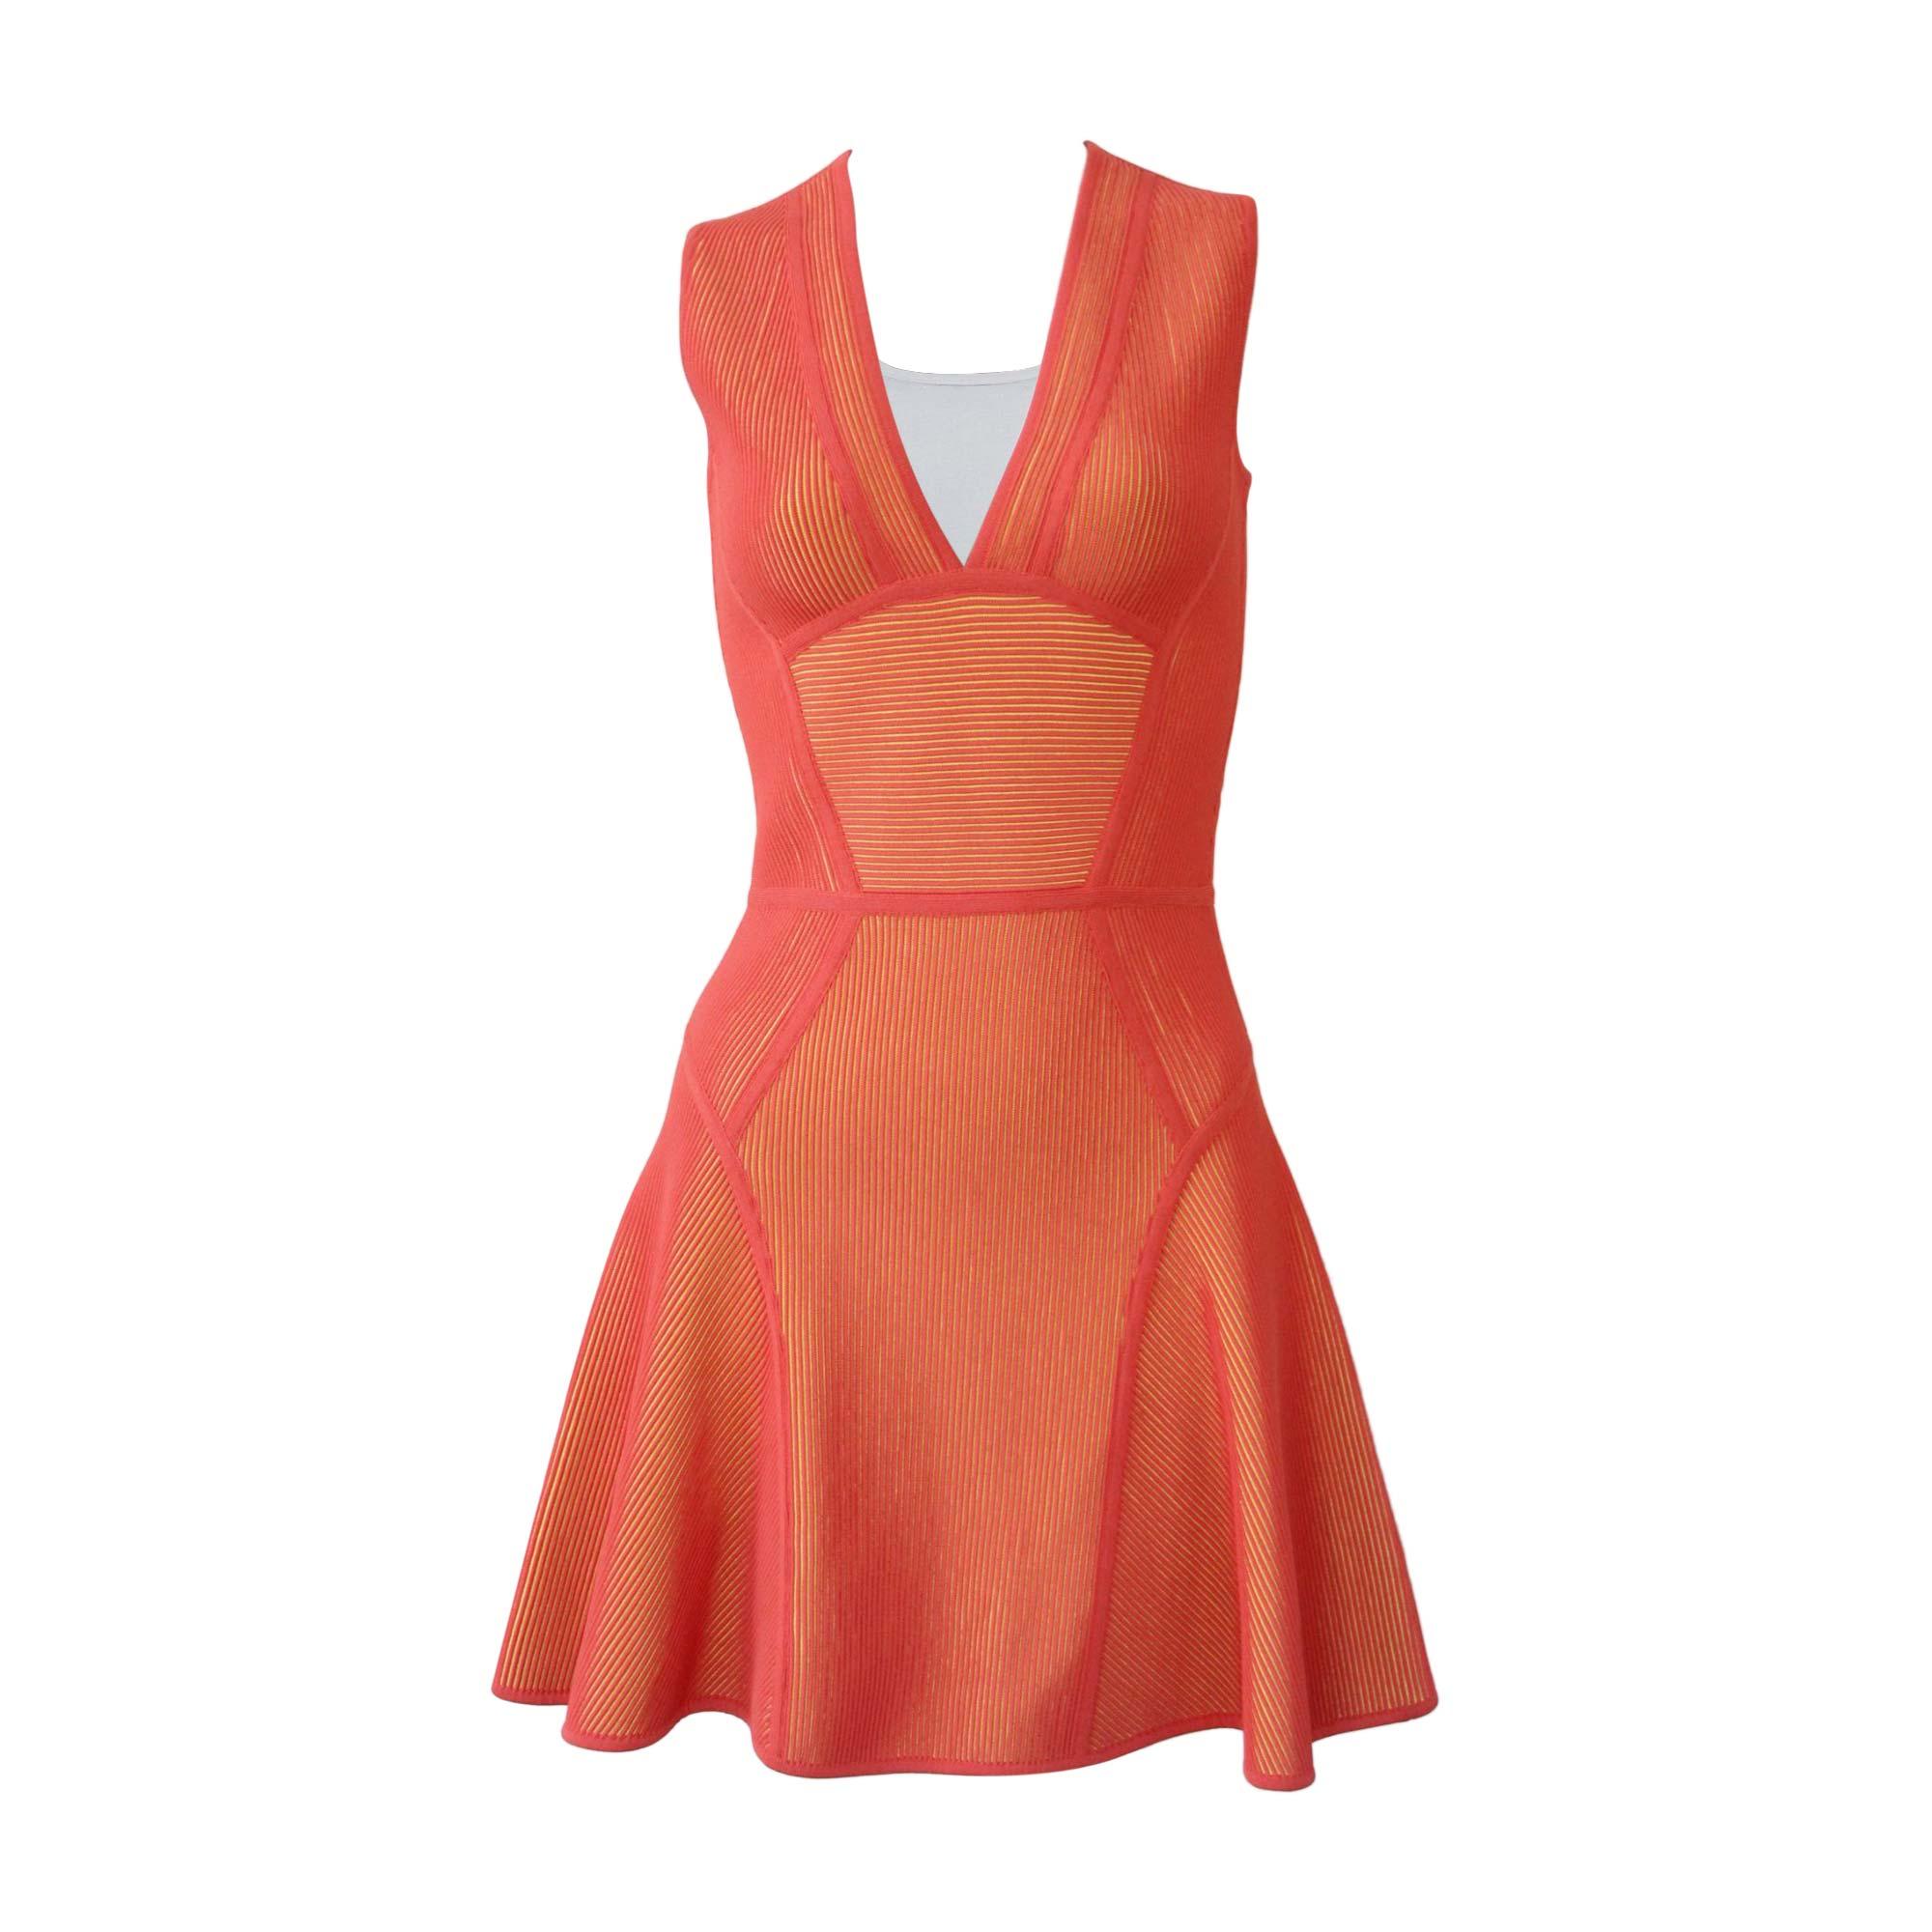 Robe Courte Elie Saab 38 M T2 Orange 8815511